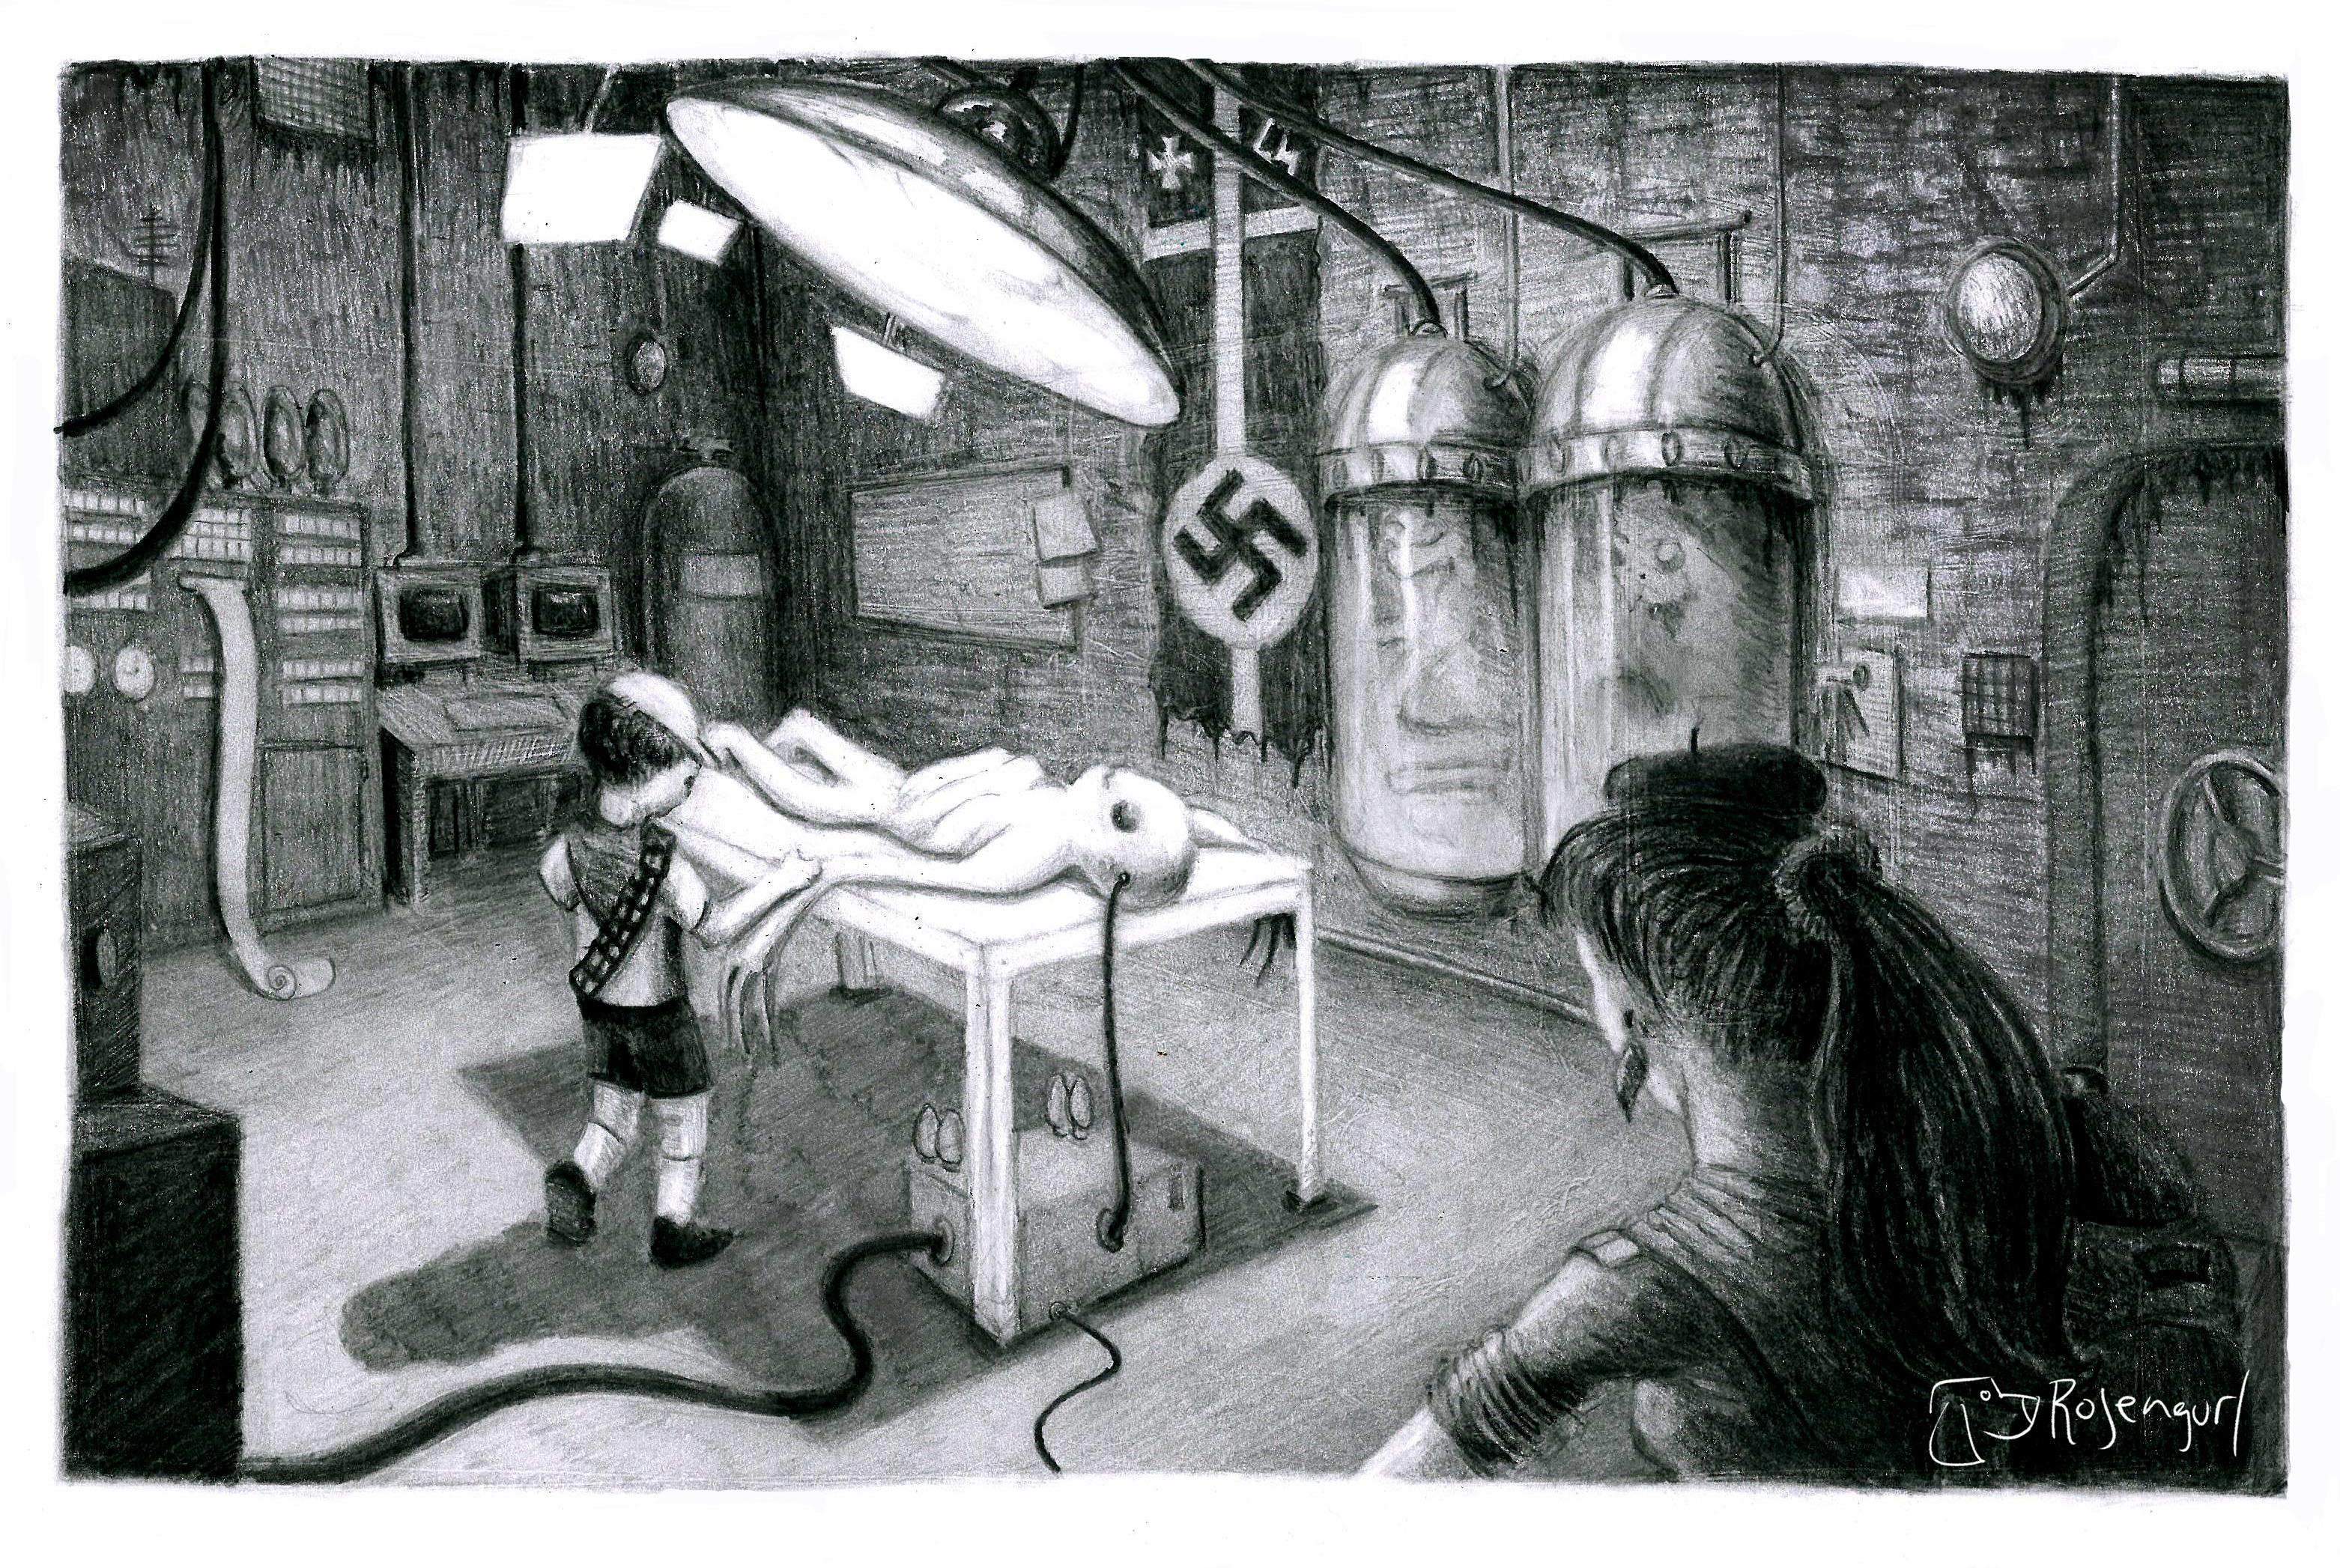 Mi laboratorio en blanco y negro